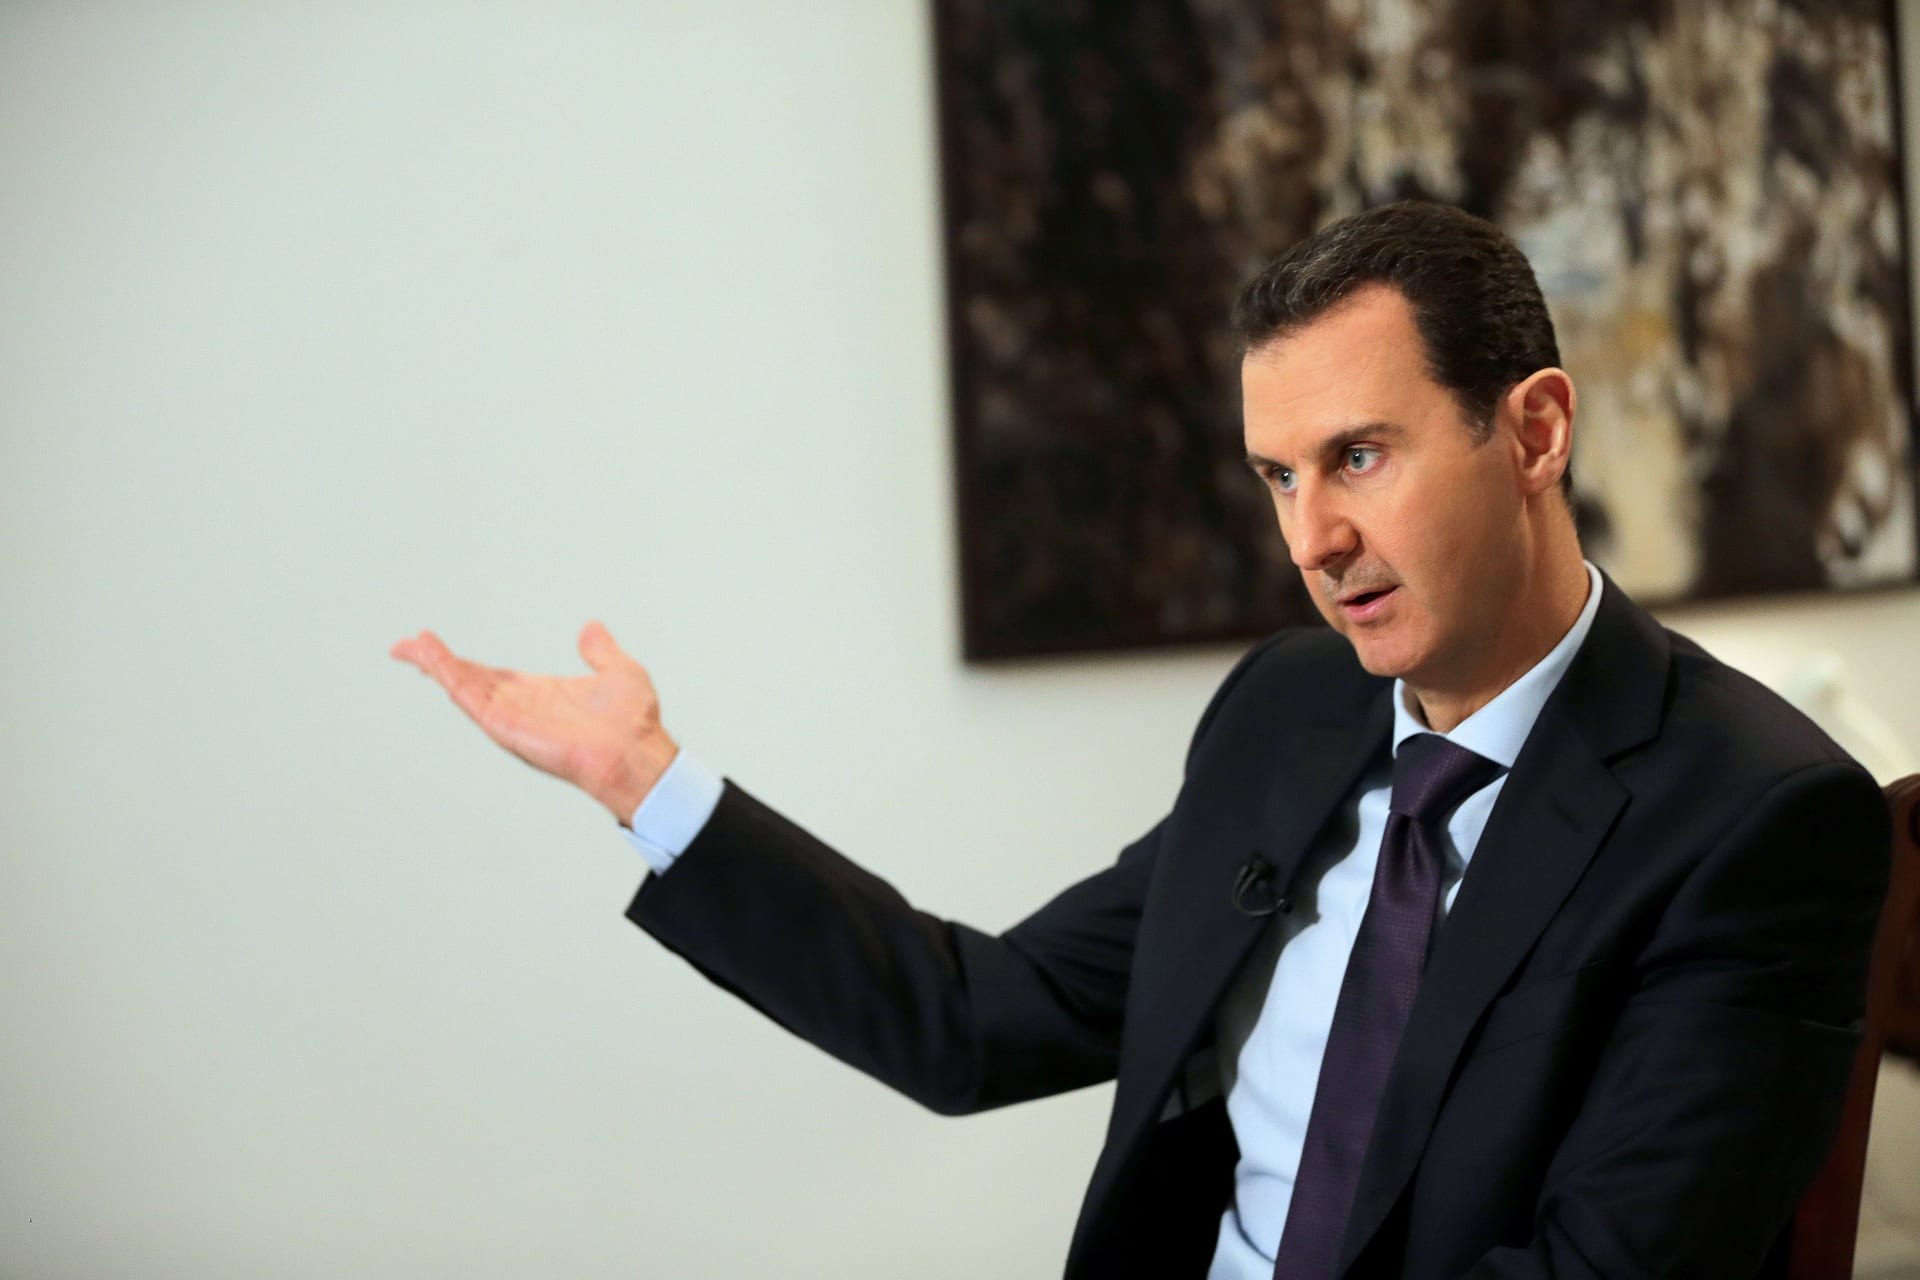 الأسد يتلقى رسالة من رئيس وزراء العراق.. ويؤكد: إرادة الشعوب أقوى من المخططات الخارجية